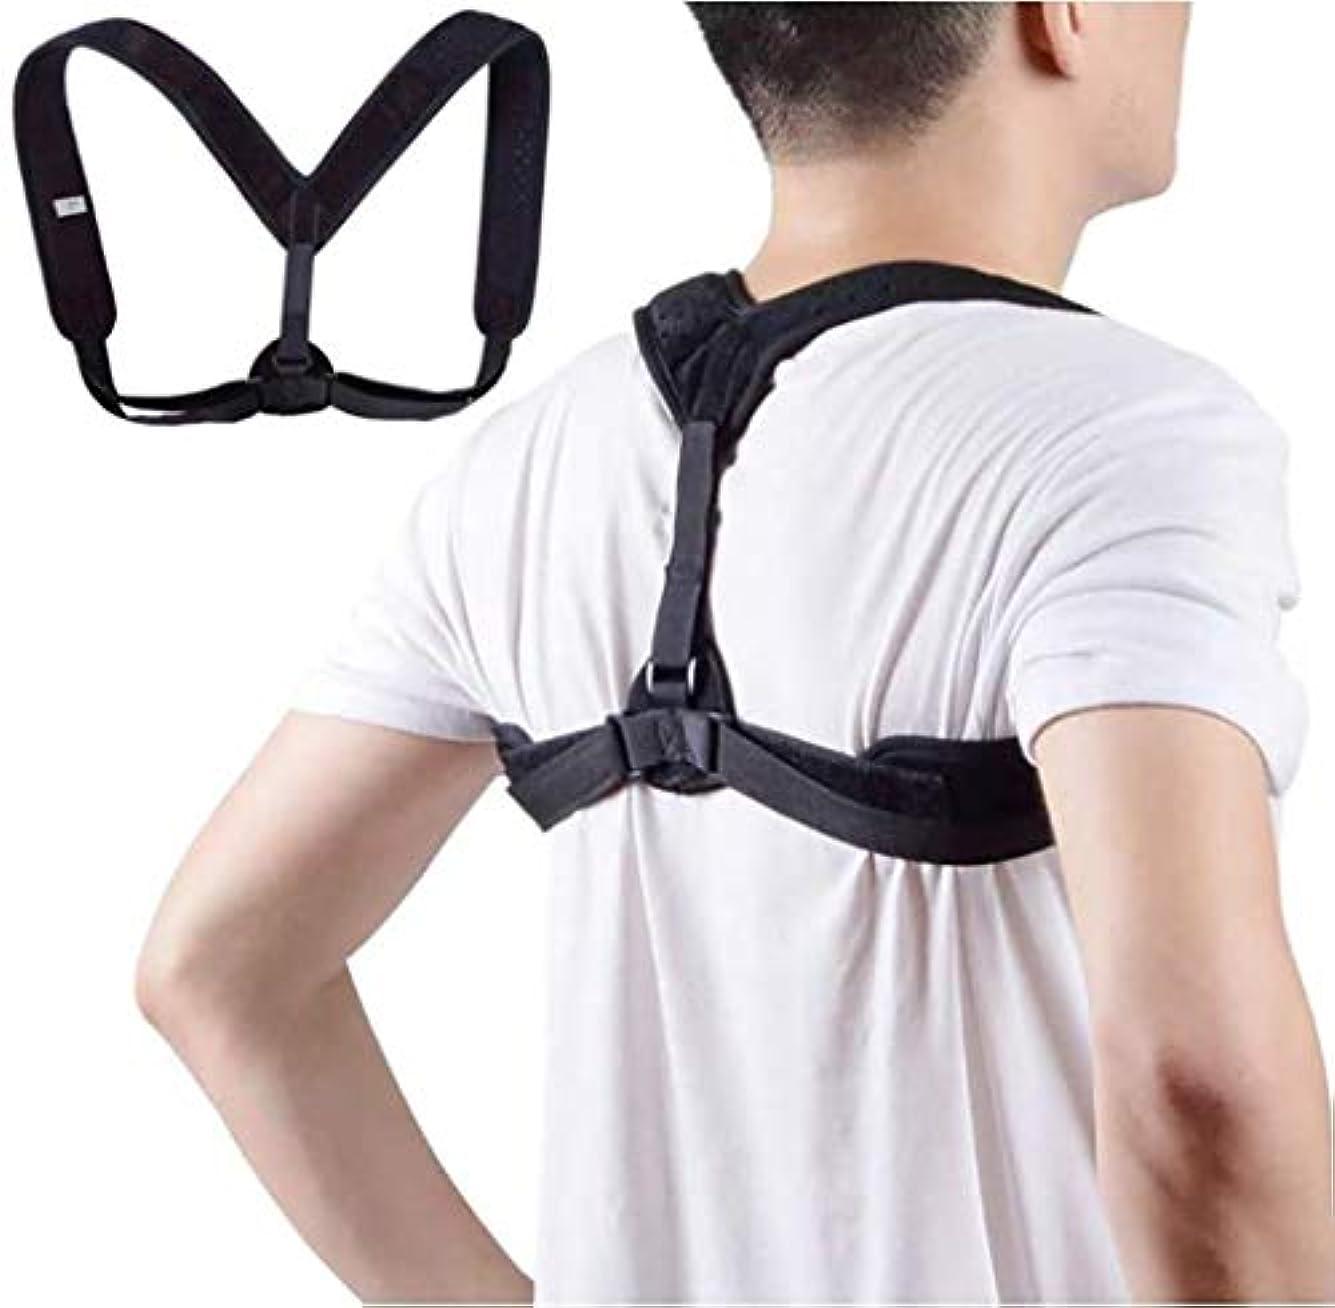 ブランク罹患率配管姿勢矯正ベルト、背部装具、悪い姿勢の改善、気質の改善、調整可能、腰痛緩和のためのダブルストロングスプリント、オフィス学習演習用 (Color : L)